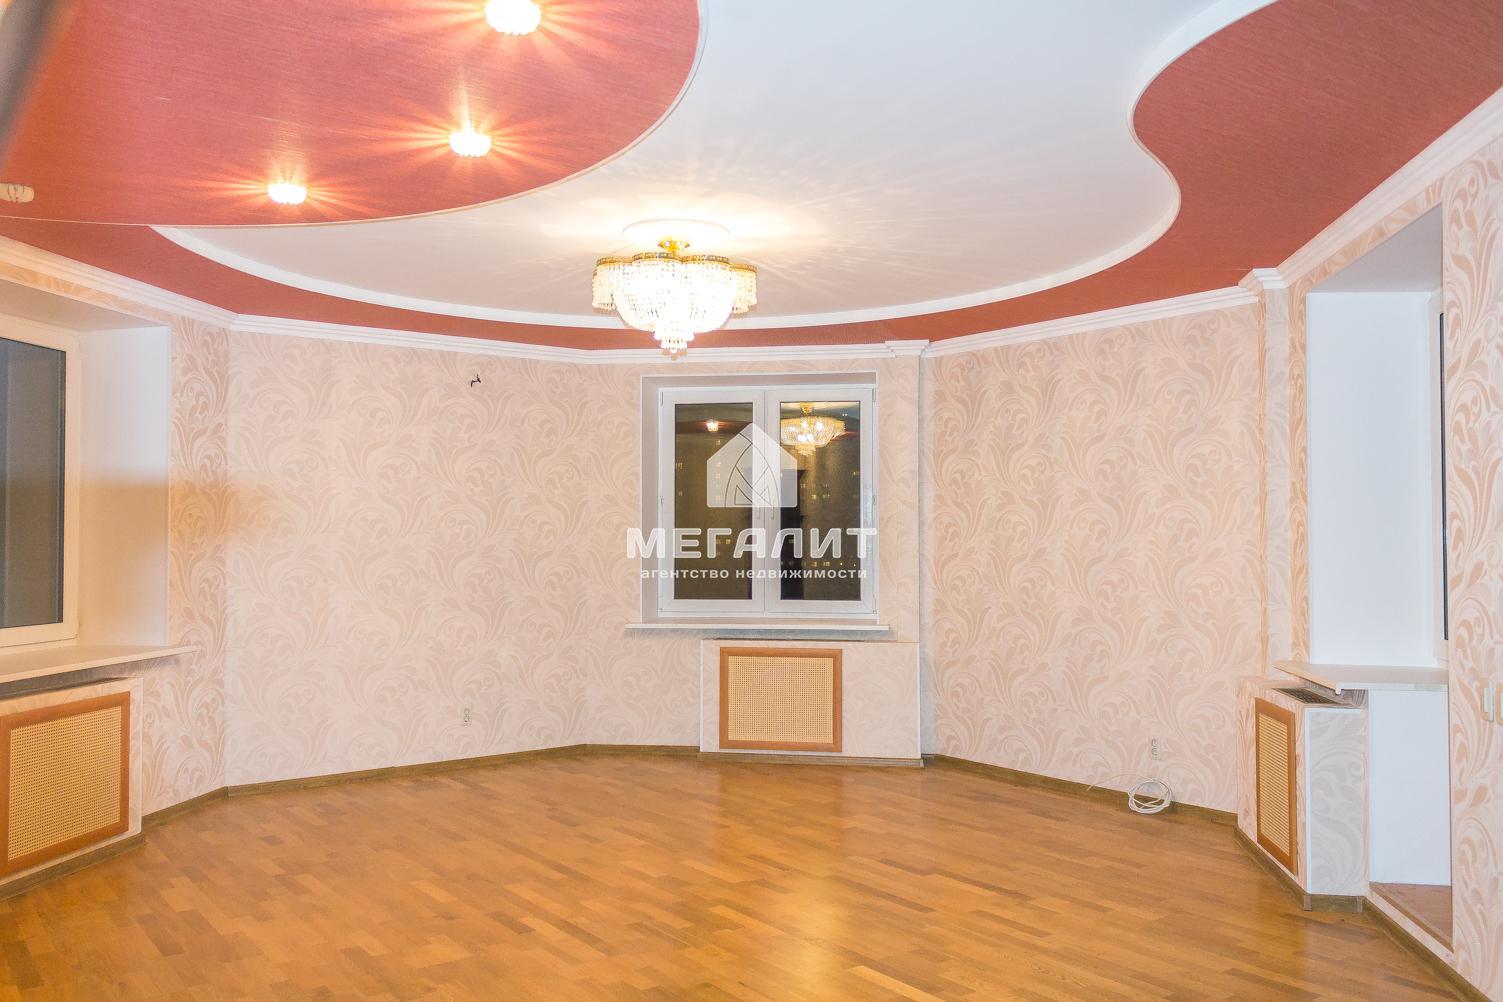 Продажа 3-к квартиры Четаева 4